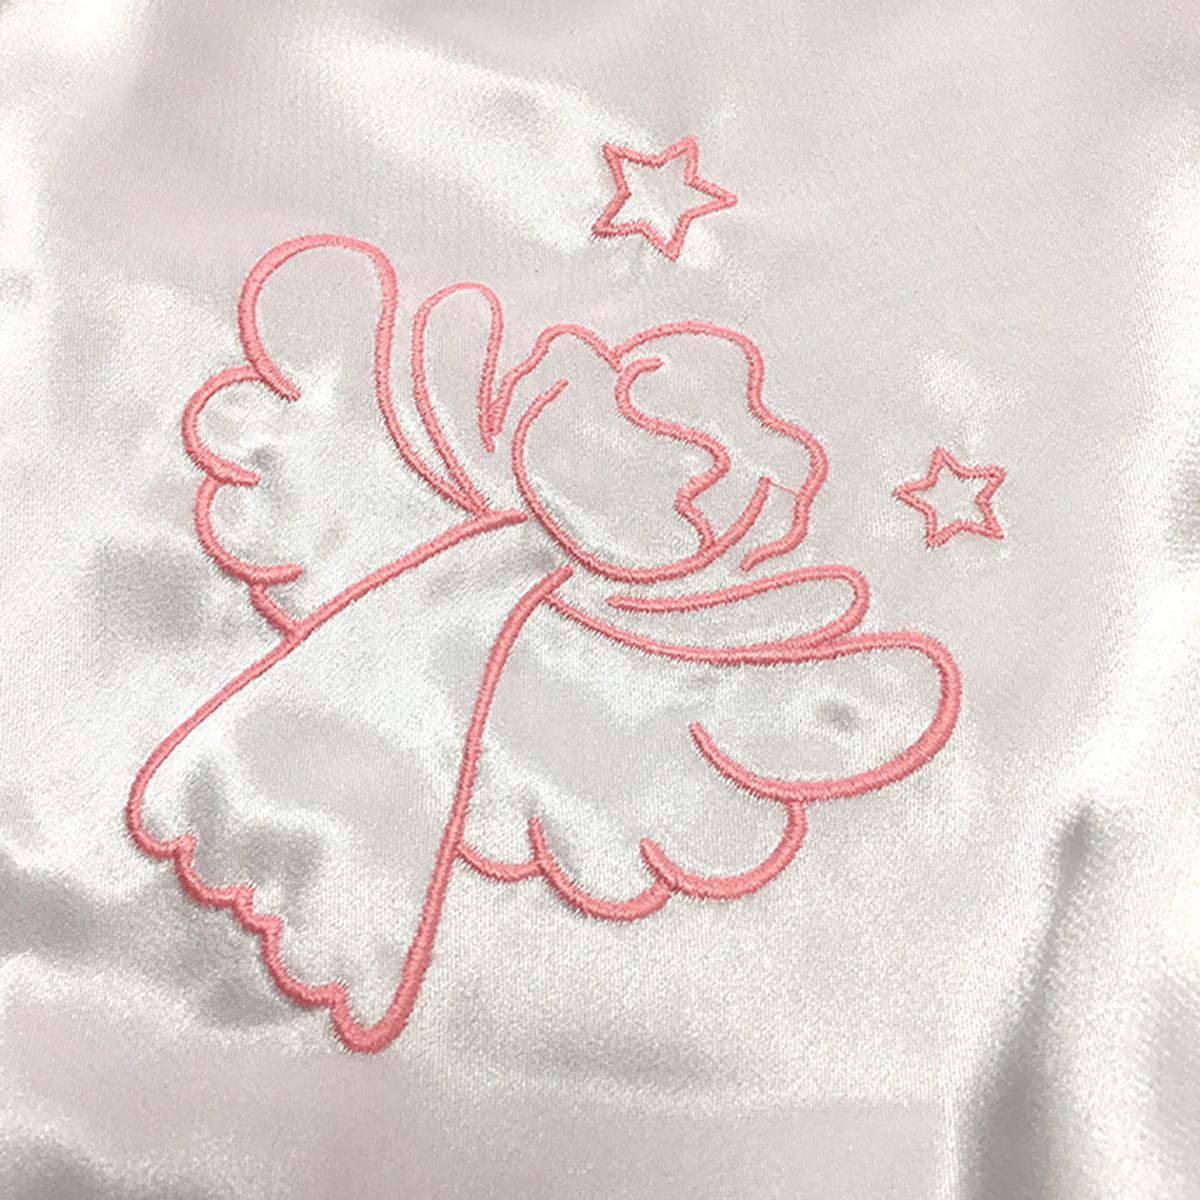 rosi anđeo na krsnoj košuljici